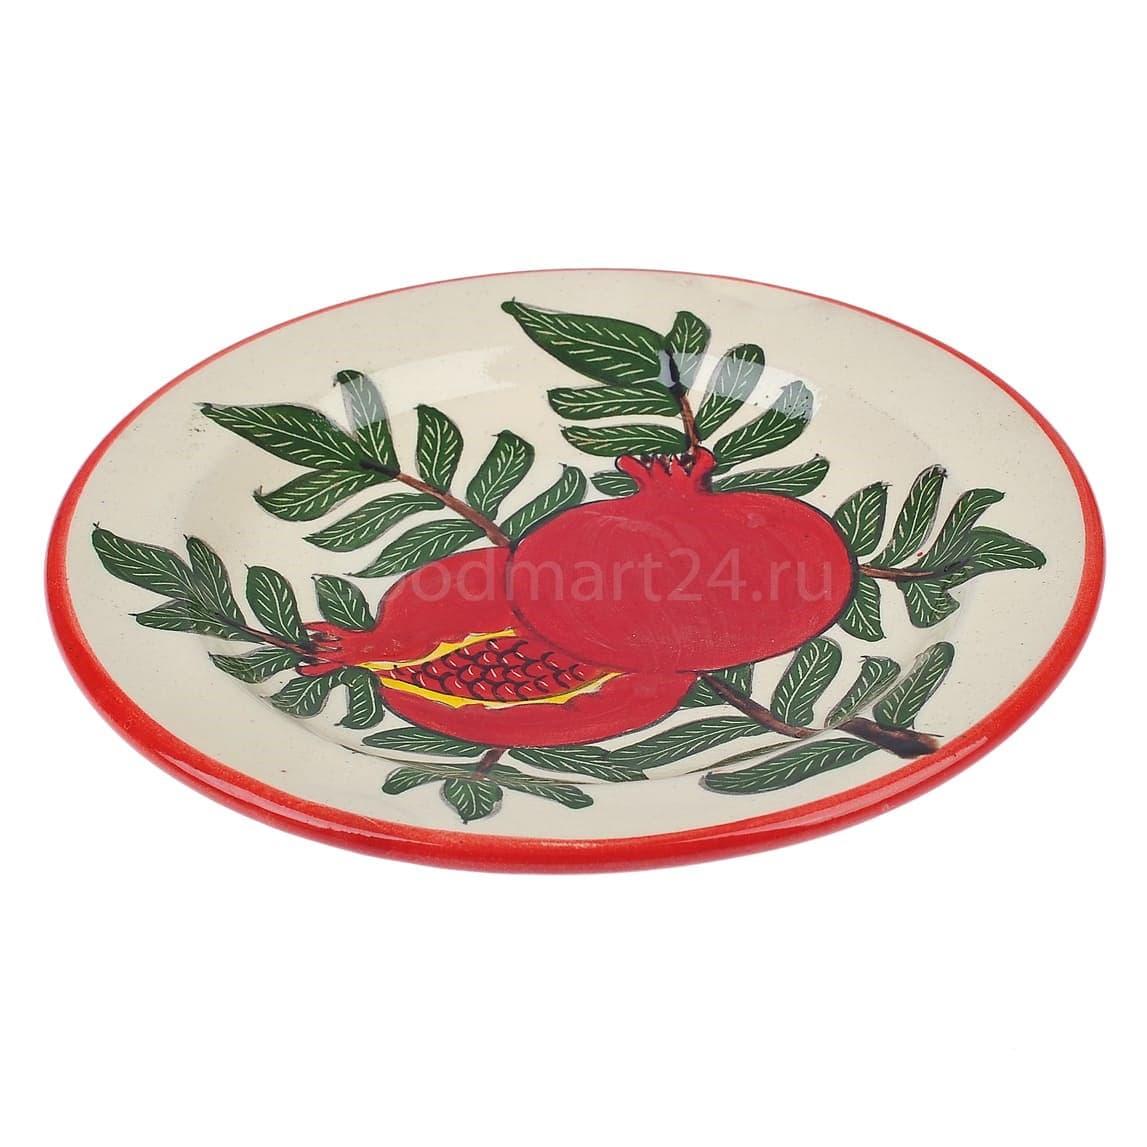 Набор чайный Риштанская Керамика, 9 предметов, Гранат - фото 9489